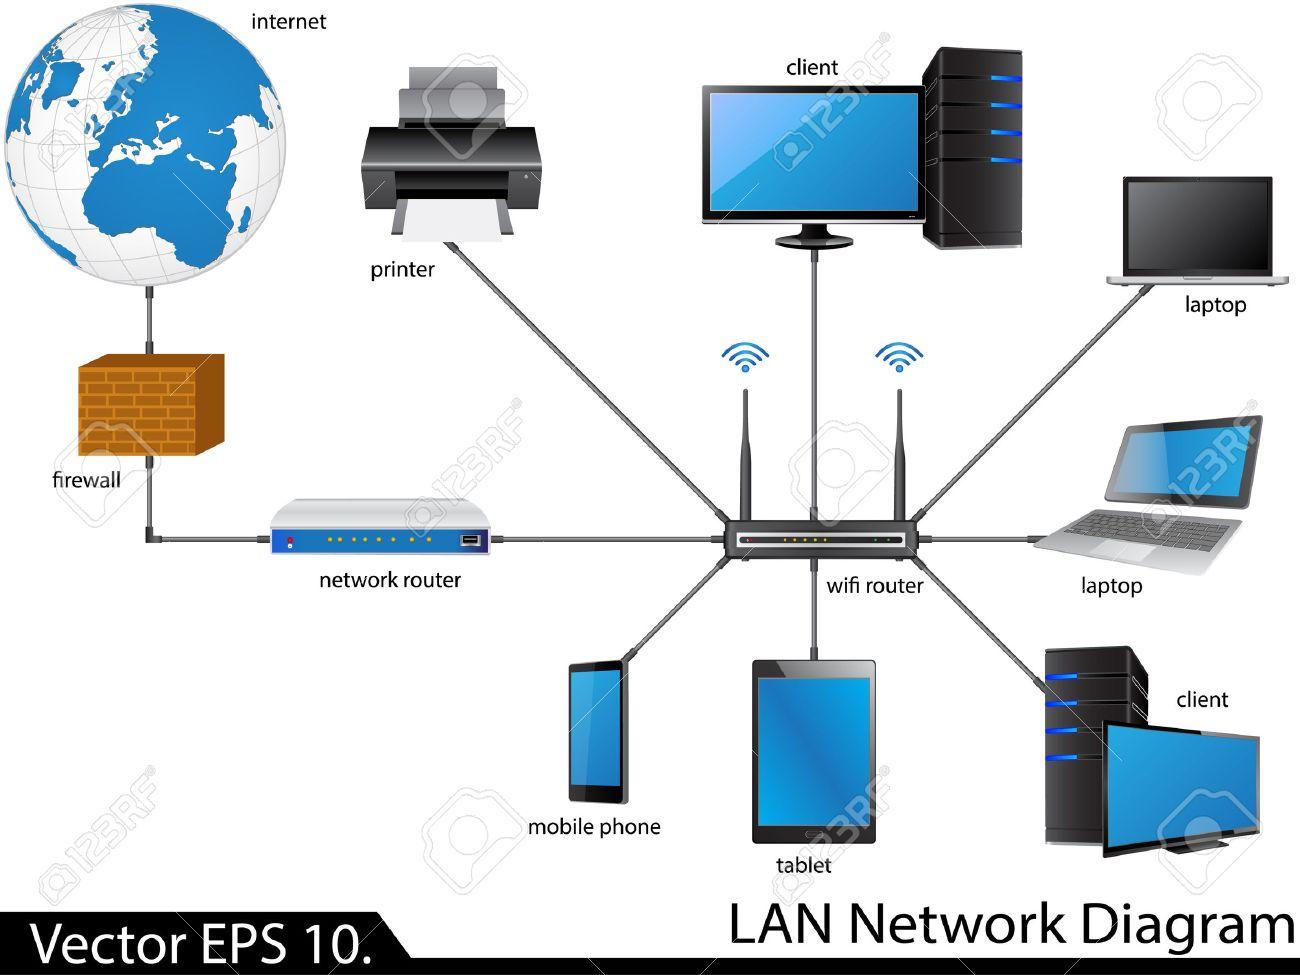 lan network diagram illustrator for business and technology concept lan network diagram lan network diagram #4